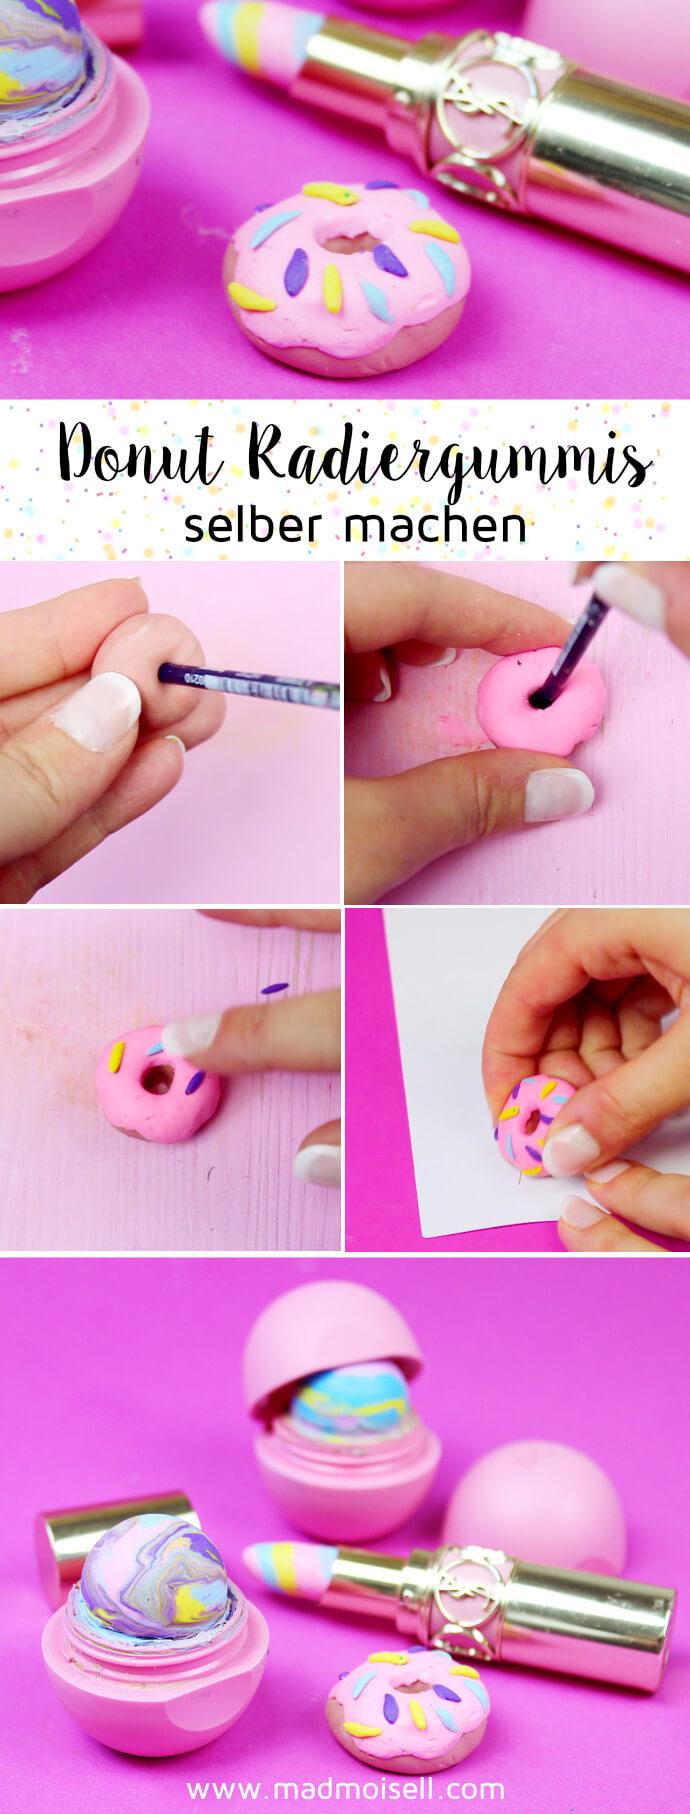 Faszinierend Knete Rezept Dekoration Von Tipp: Mit Dieser Technik Könnt Alle Möglichen